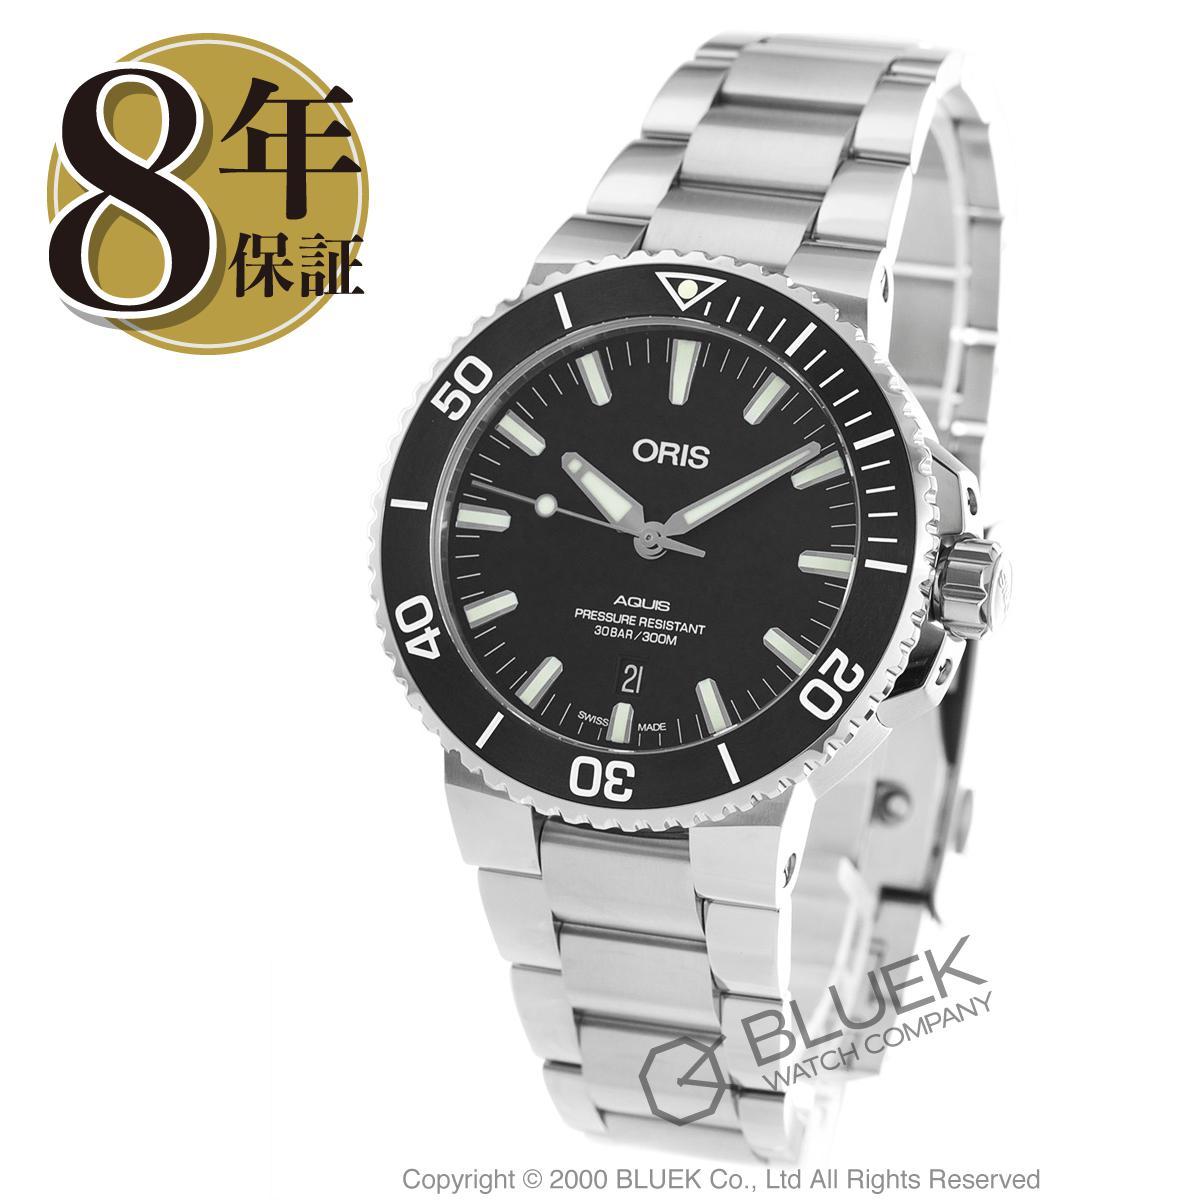 オリス ORIS 腕時計 アクイス デイト 300m防水 メンズ 733 7730 4154M_8